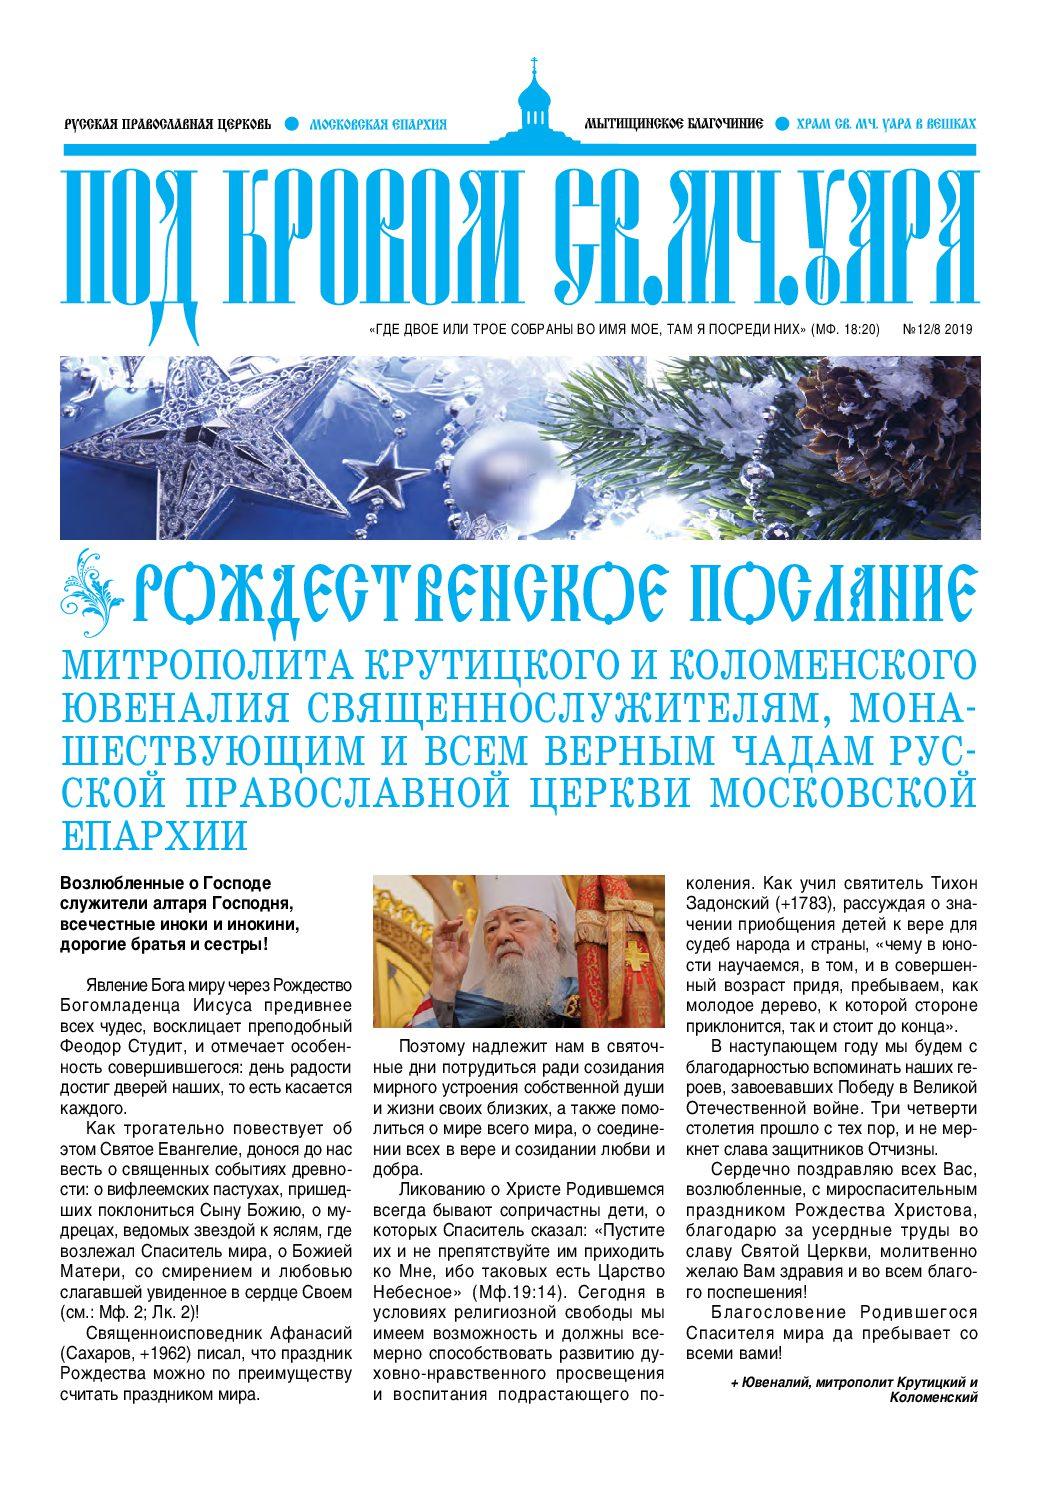 Скачать №12/8 в формате PDF (декабрь 2019 г.)